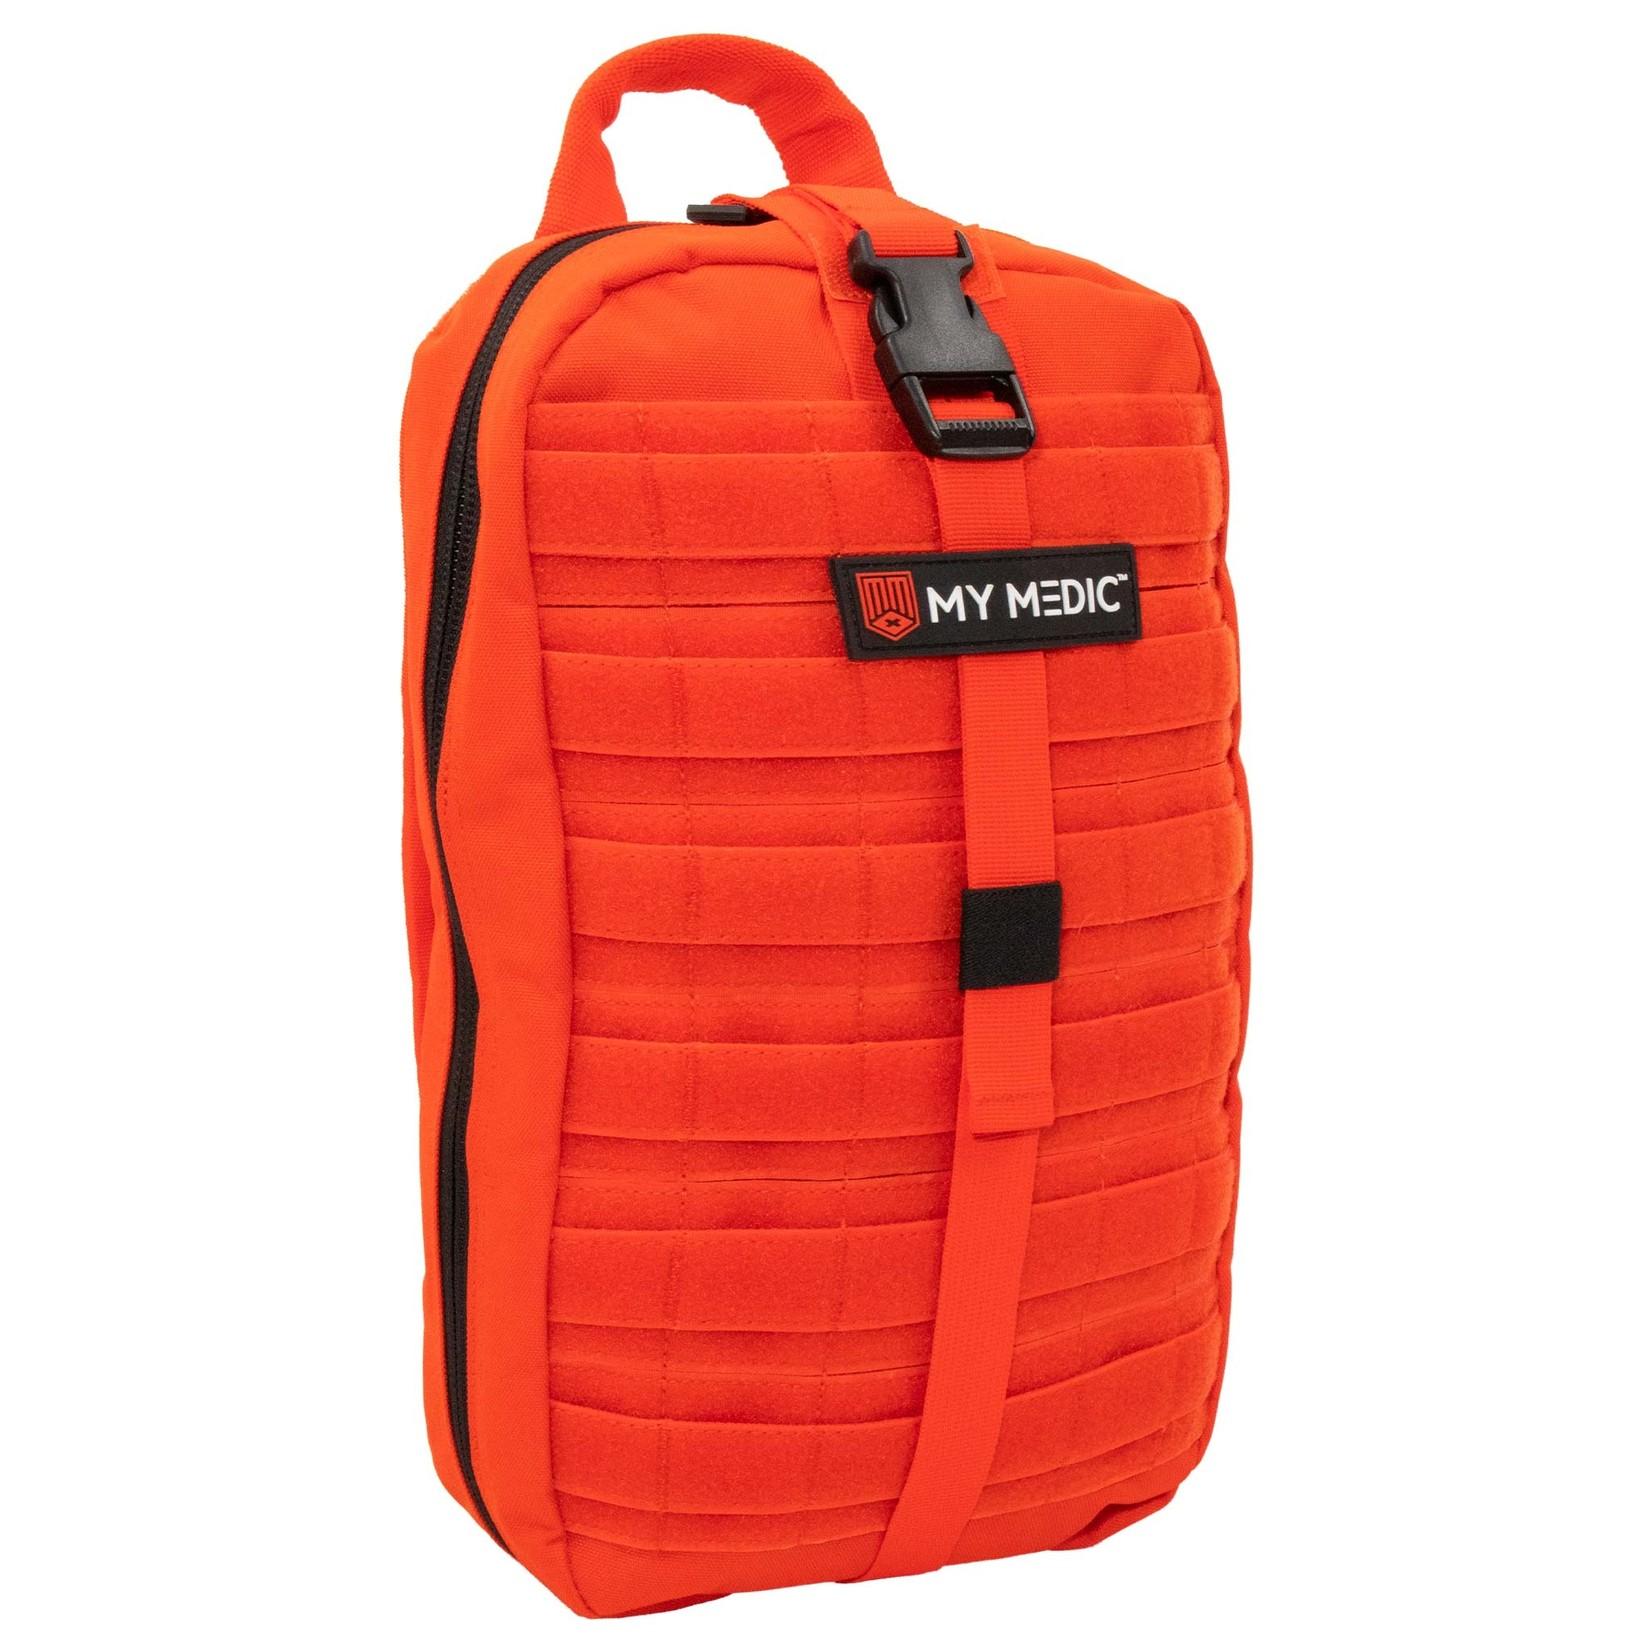 MyMedic MyFak Large First Aid Kit